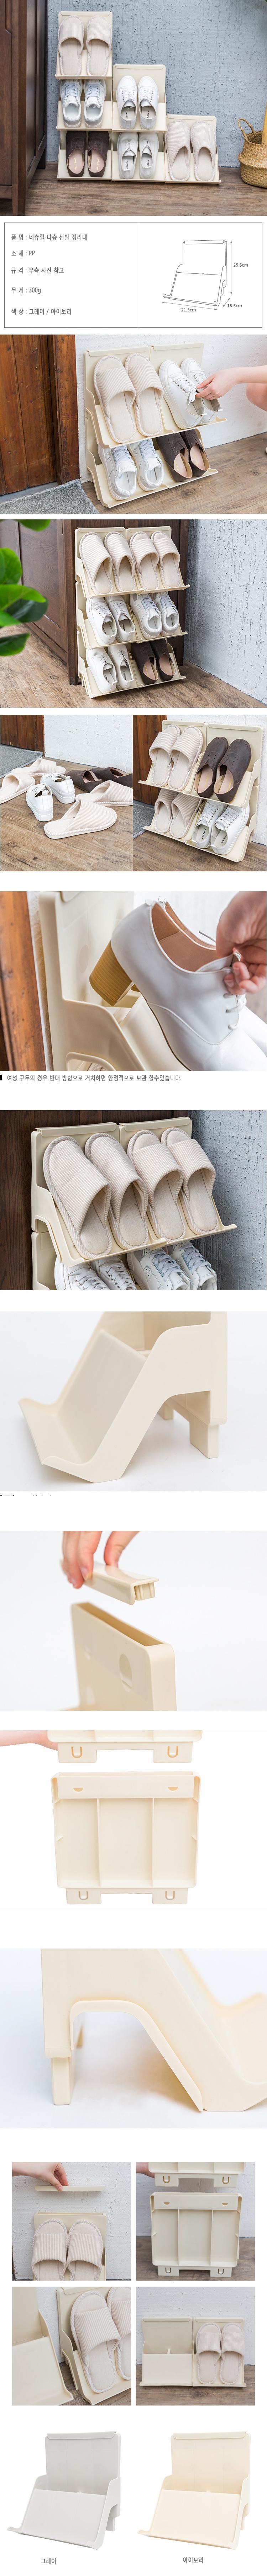 네츄럴 다층 신발 정리대 - 연호디자인, 4,800원, 수납/선반장, 신발정리대/신발장